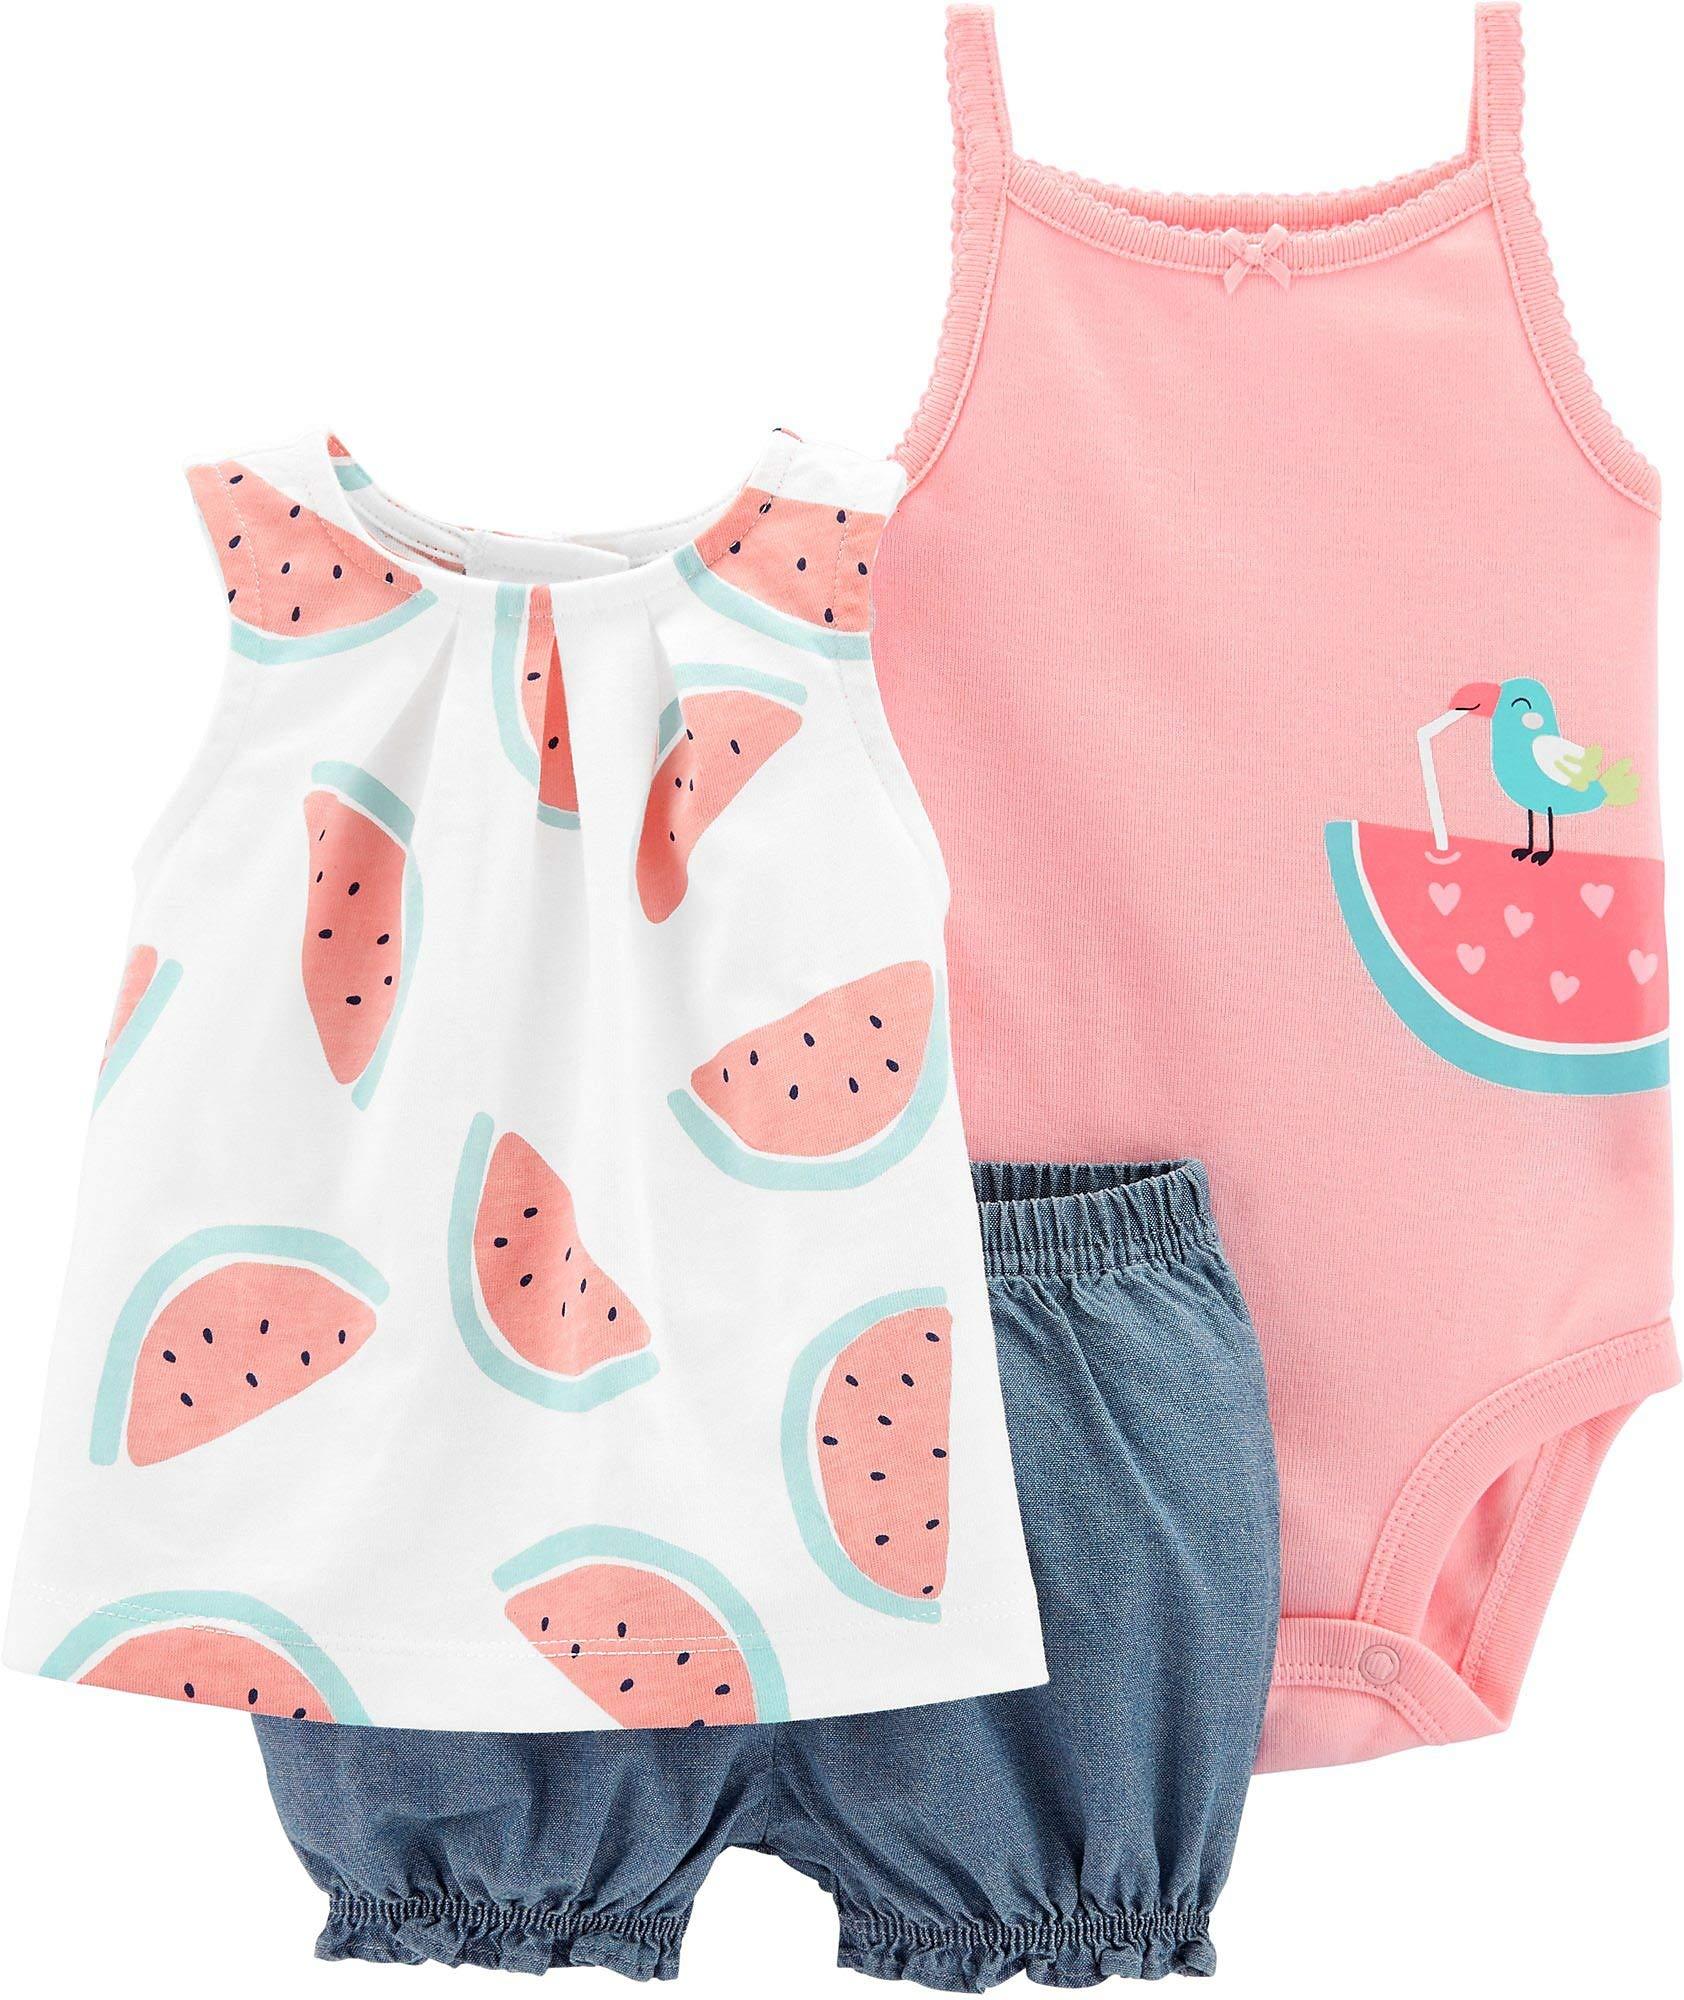 Carter's Baby Girls' 3-Piece Bodysuit & Diaper